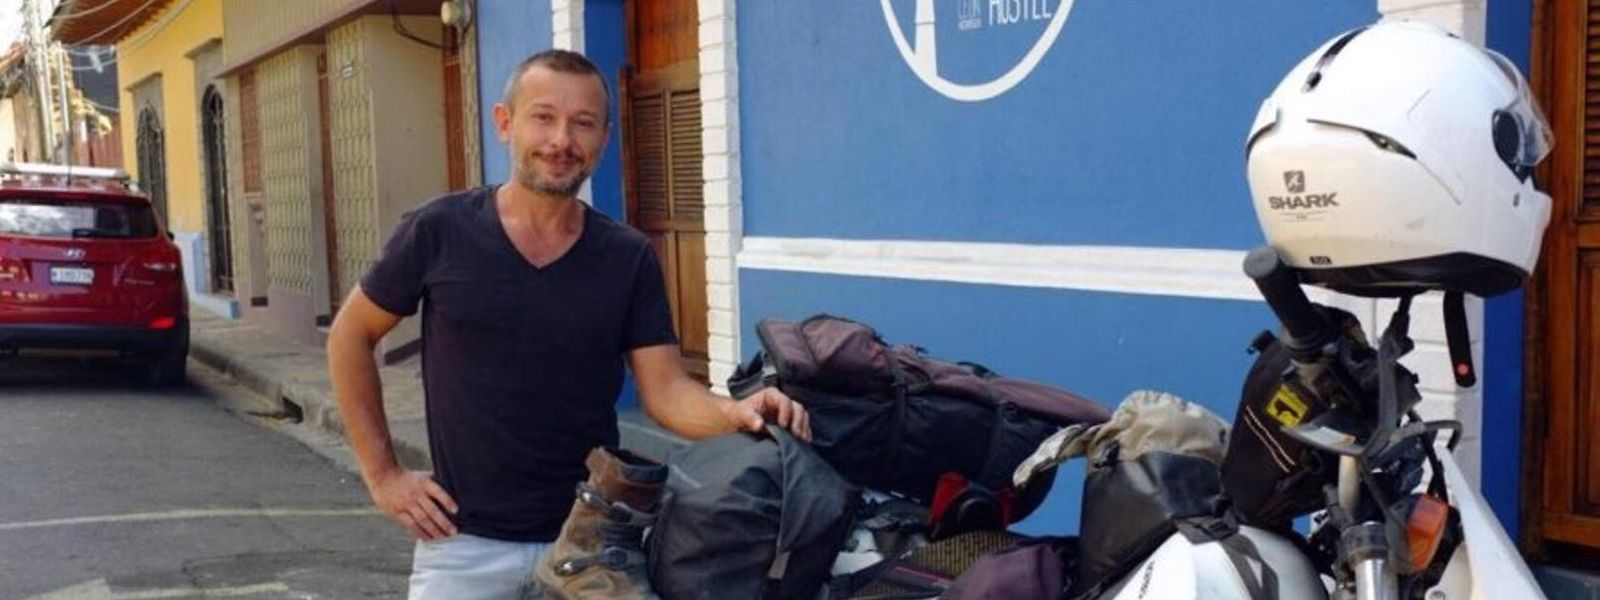 Von Nicolas Holzem fehlt seit dem 16. Juni jede Spur. Familienangehörige und Behörden suchen in Bolivien nach ihm.